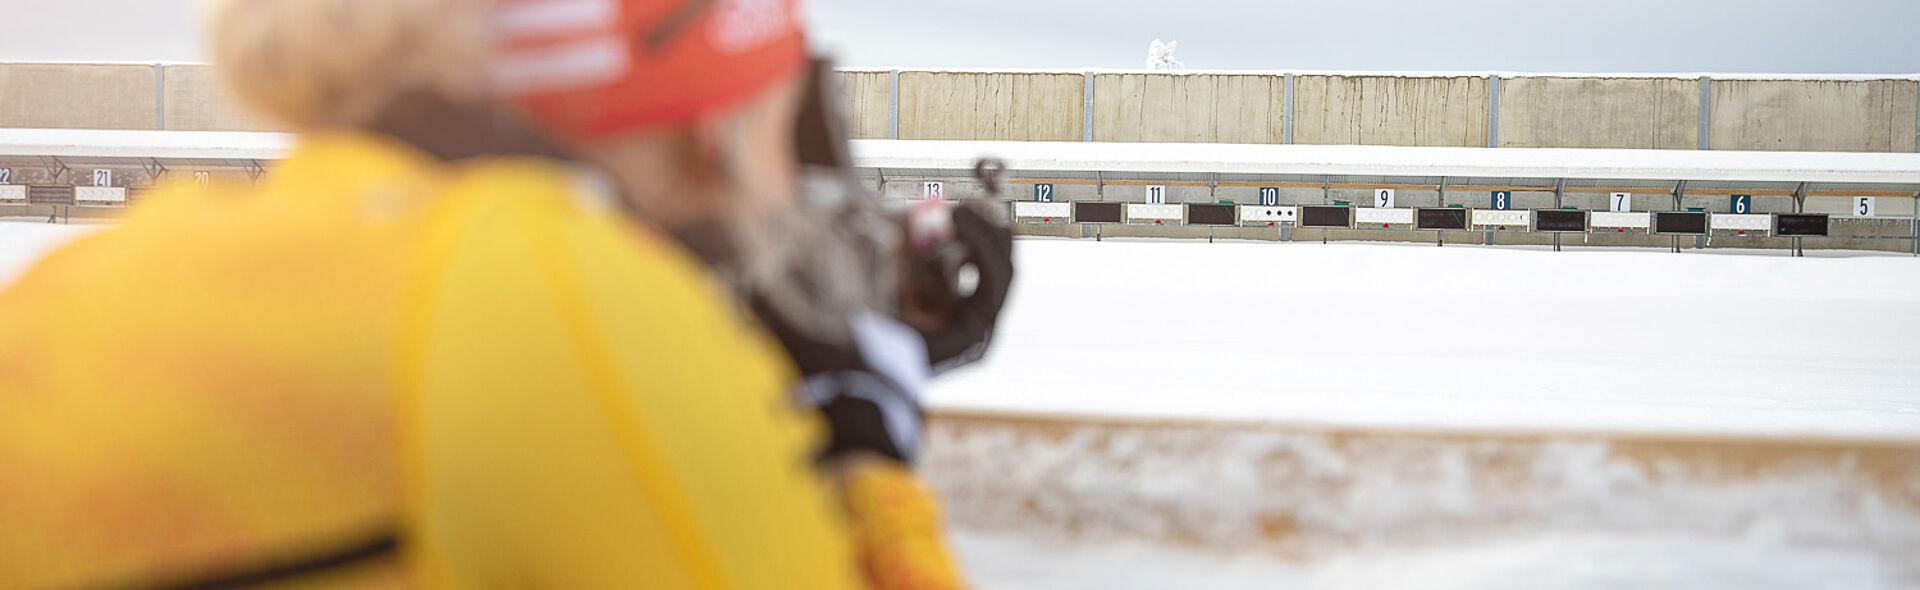 Biathlon Sparkassen-Skiarena Oberwiesenthal Fichtelberg Trainingszentrum Training Center